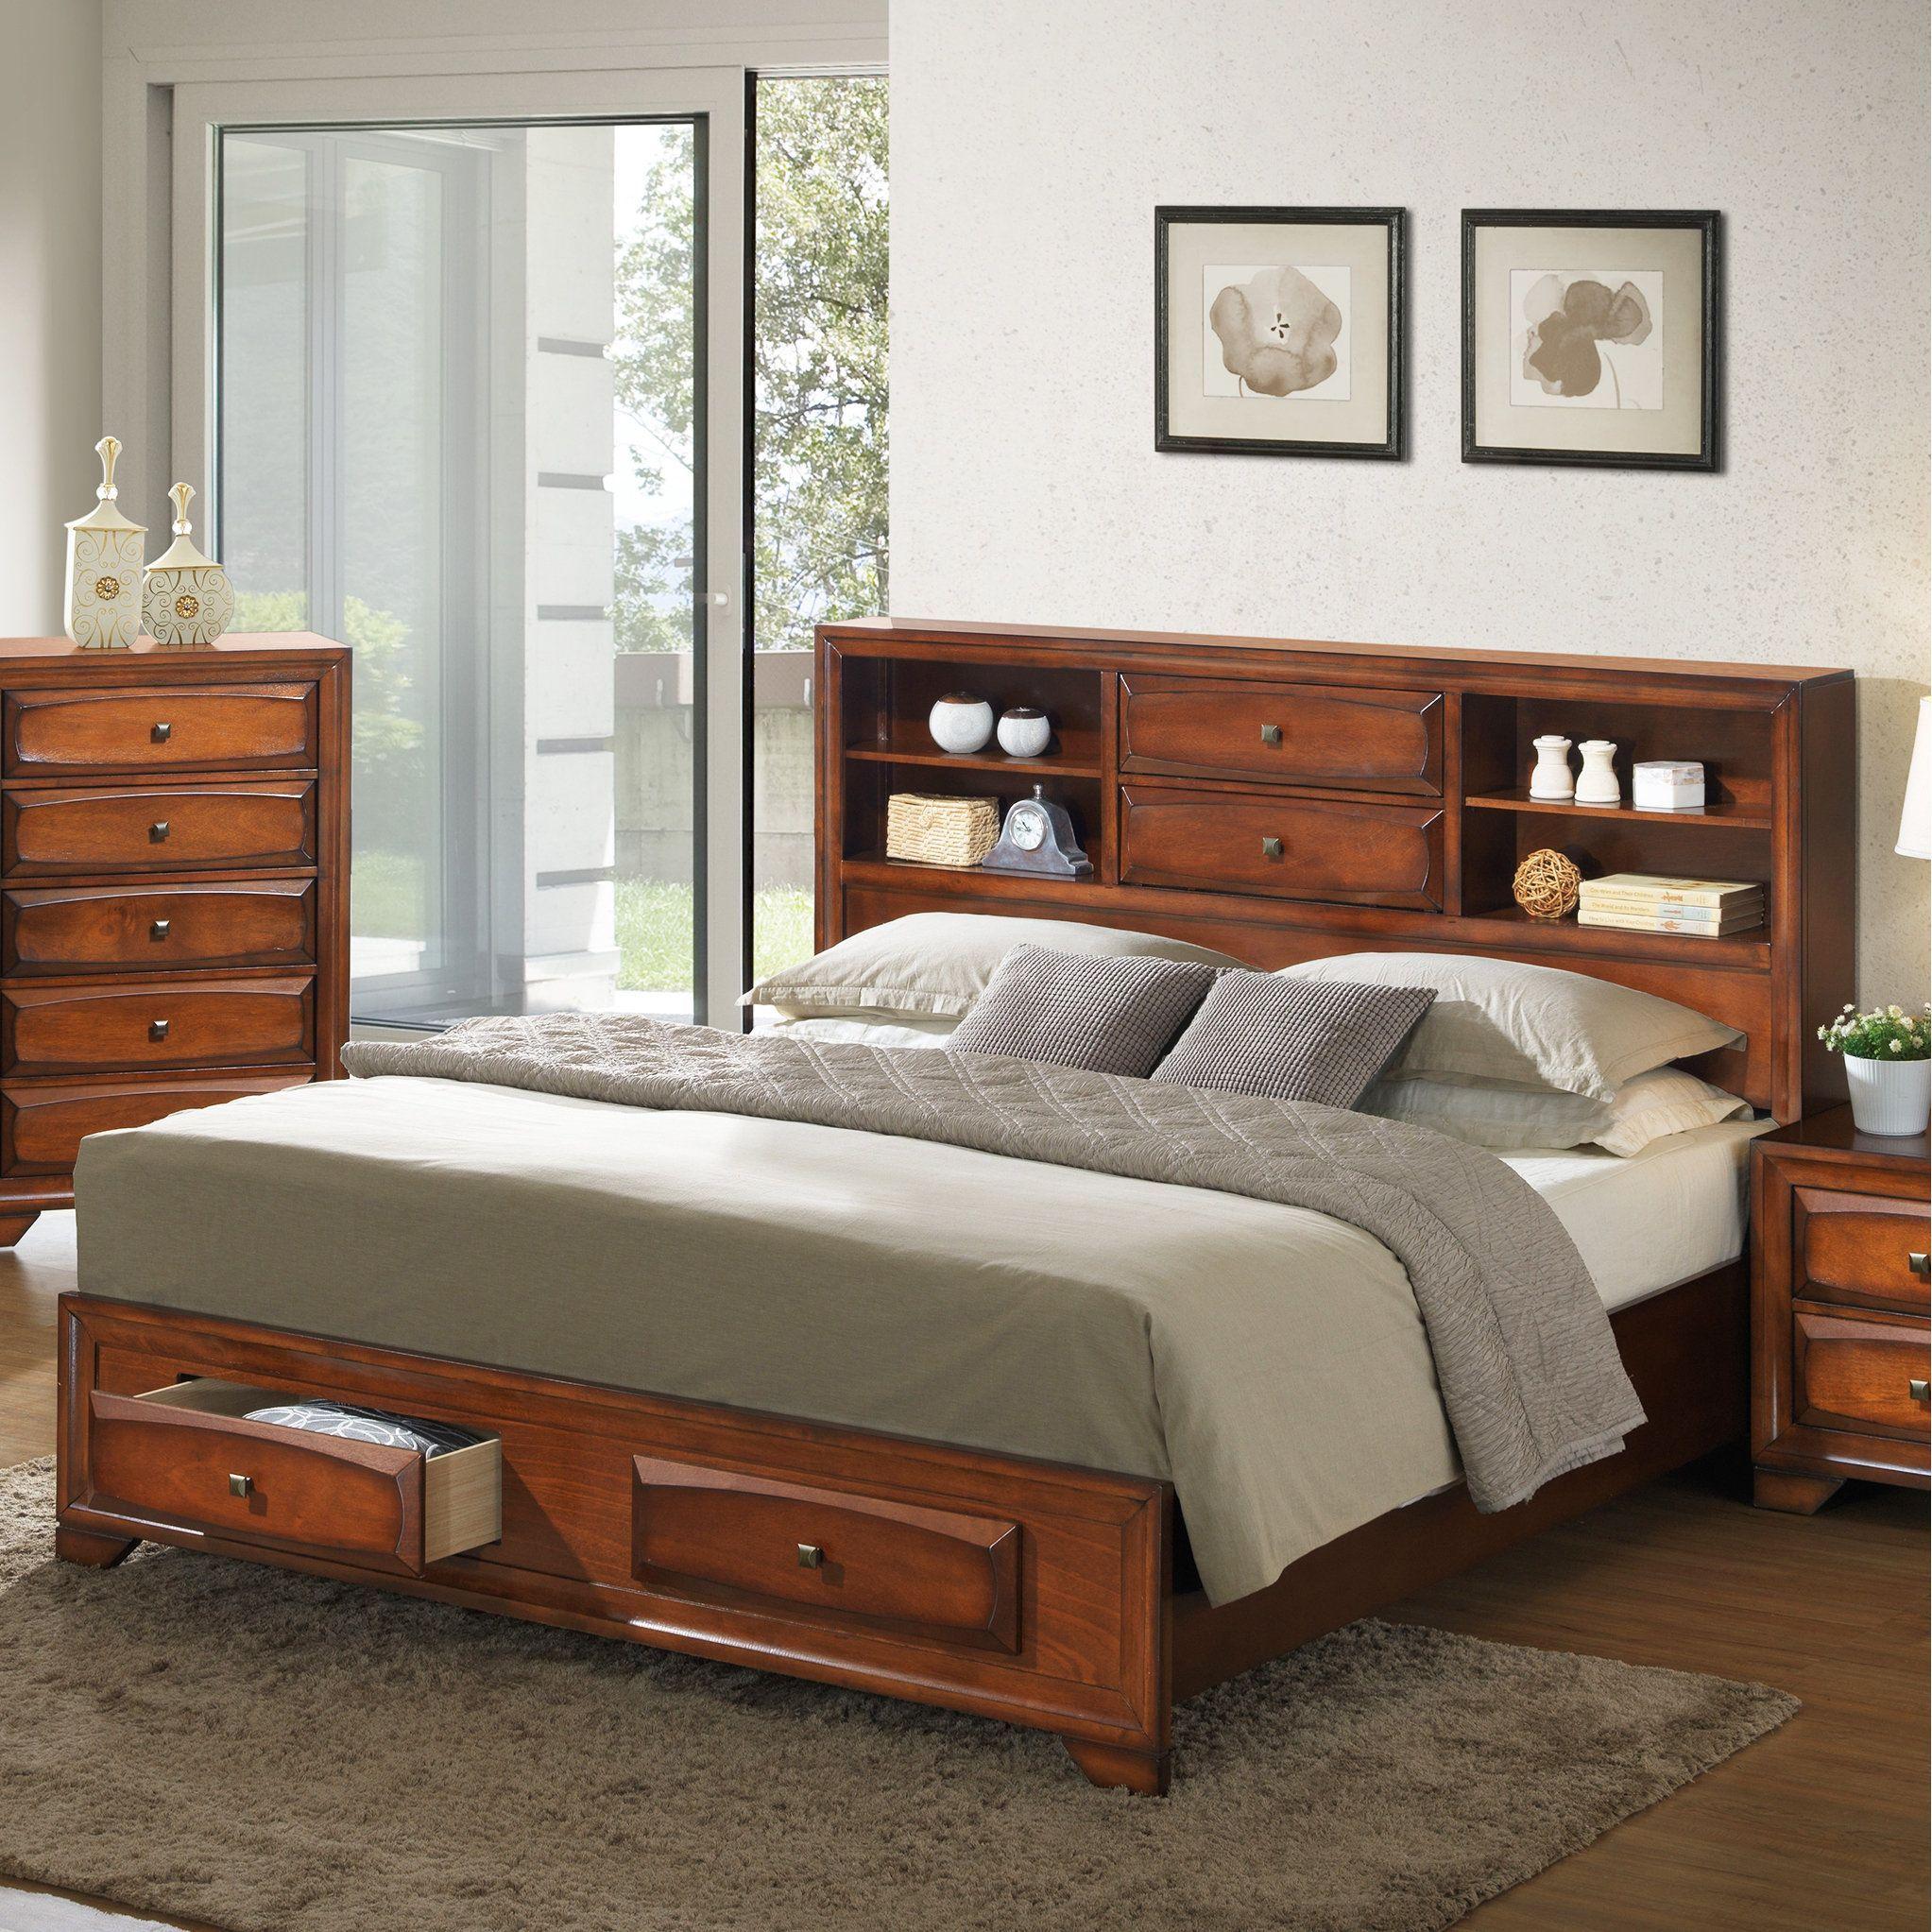 Asger Antique Oak Wood Kingsize Storage Platform Bed